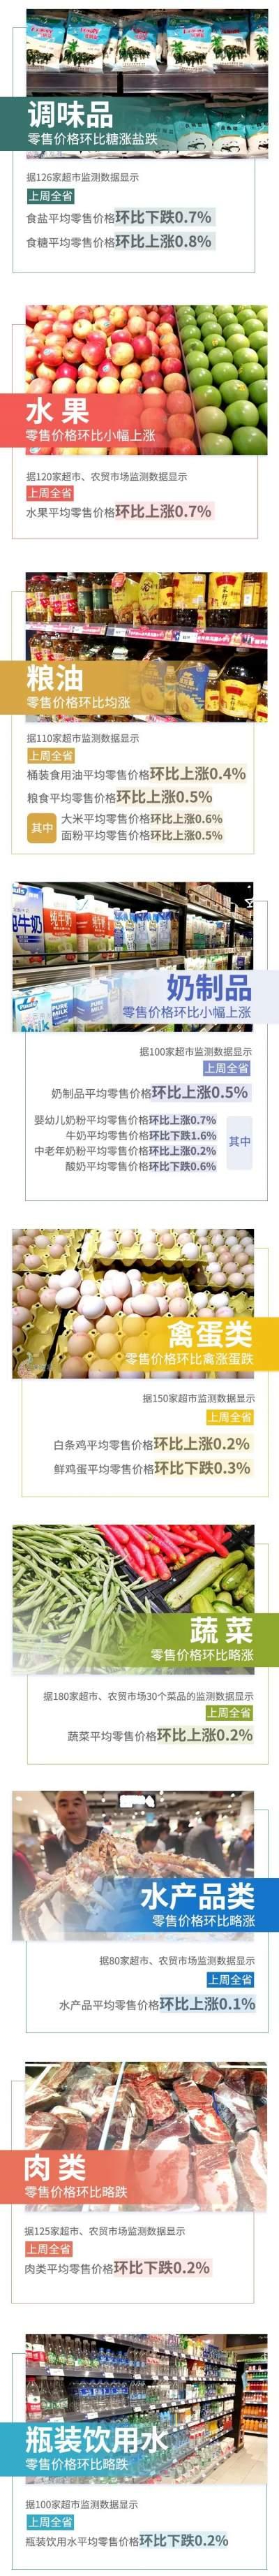 【民生】8涨4跌!上周云南省生活必需品零售价格情况来了→